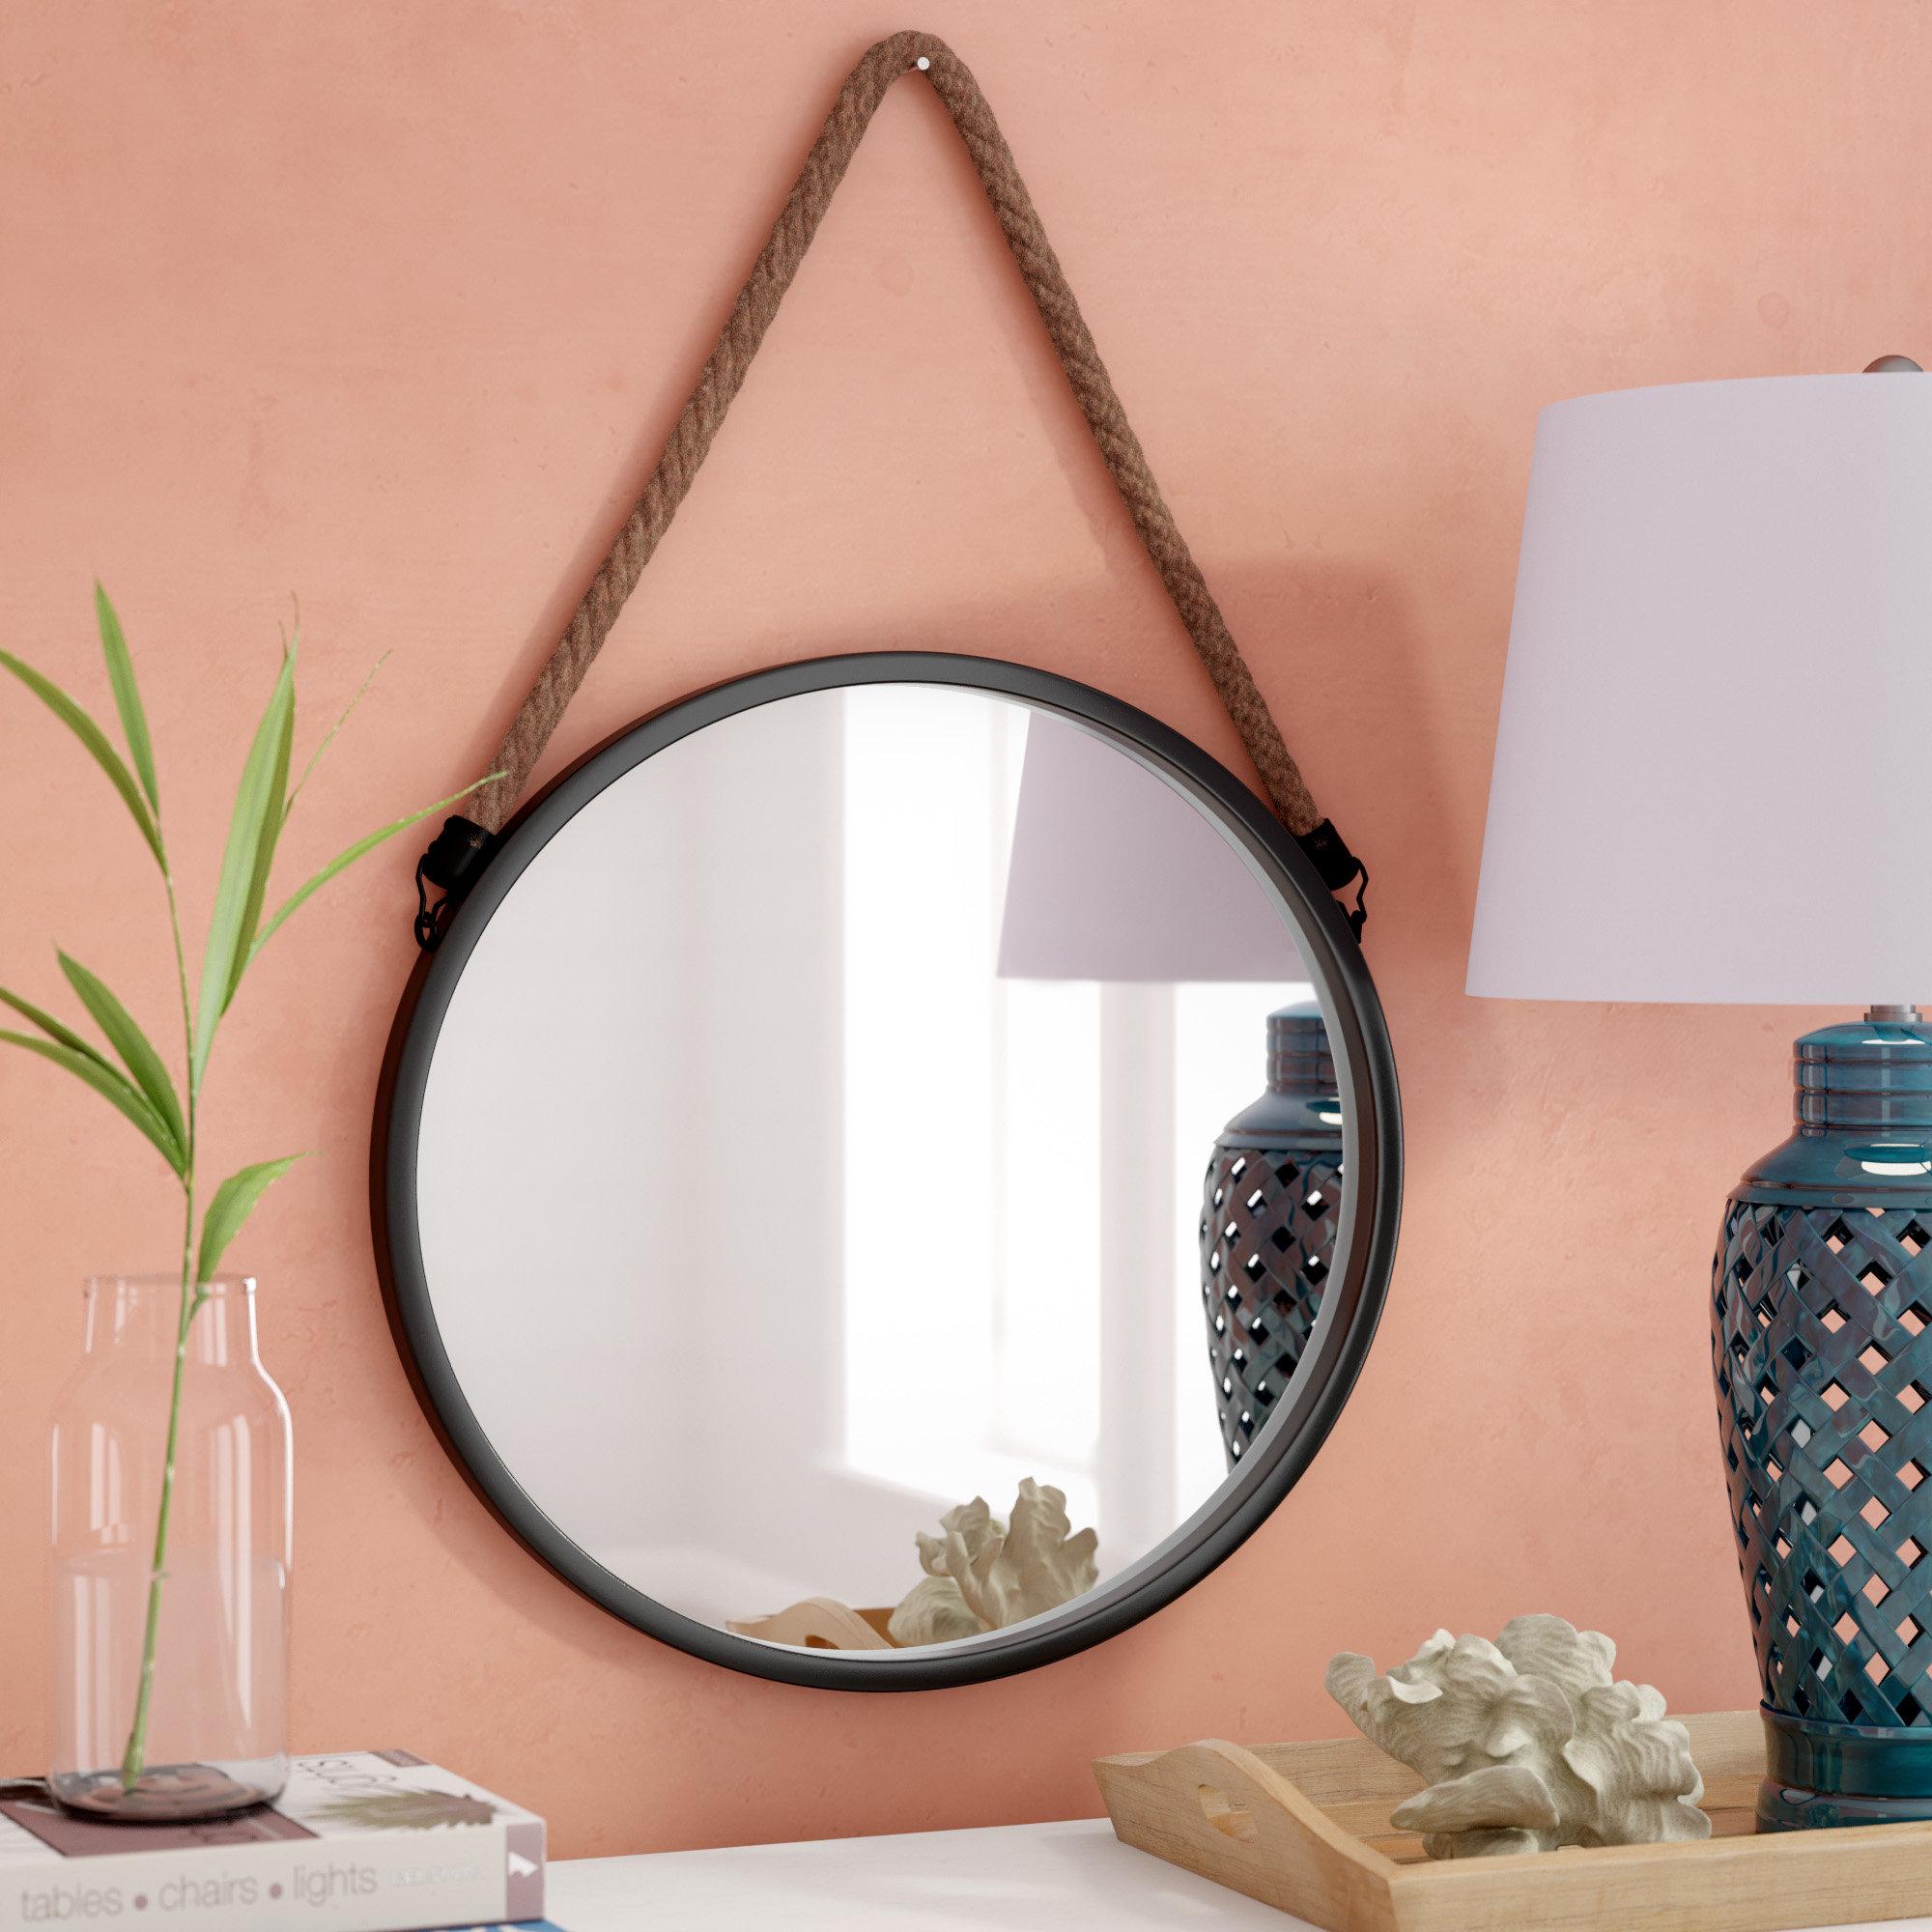 Rumfelt Decorative Round Metal Wall Mirror